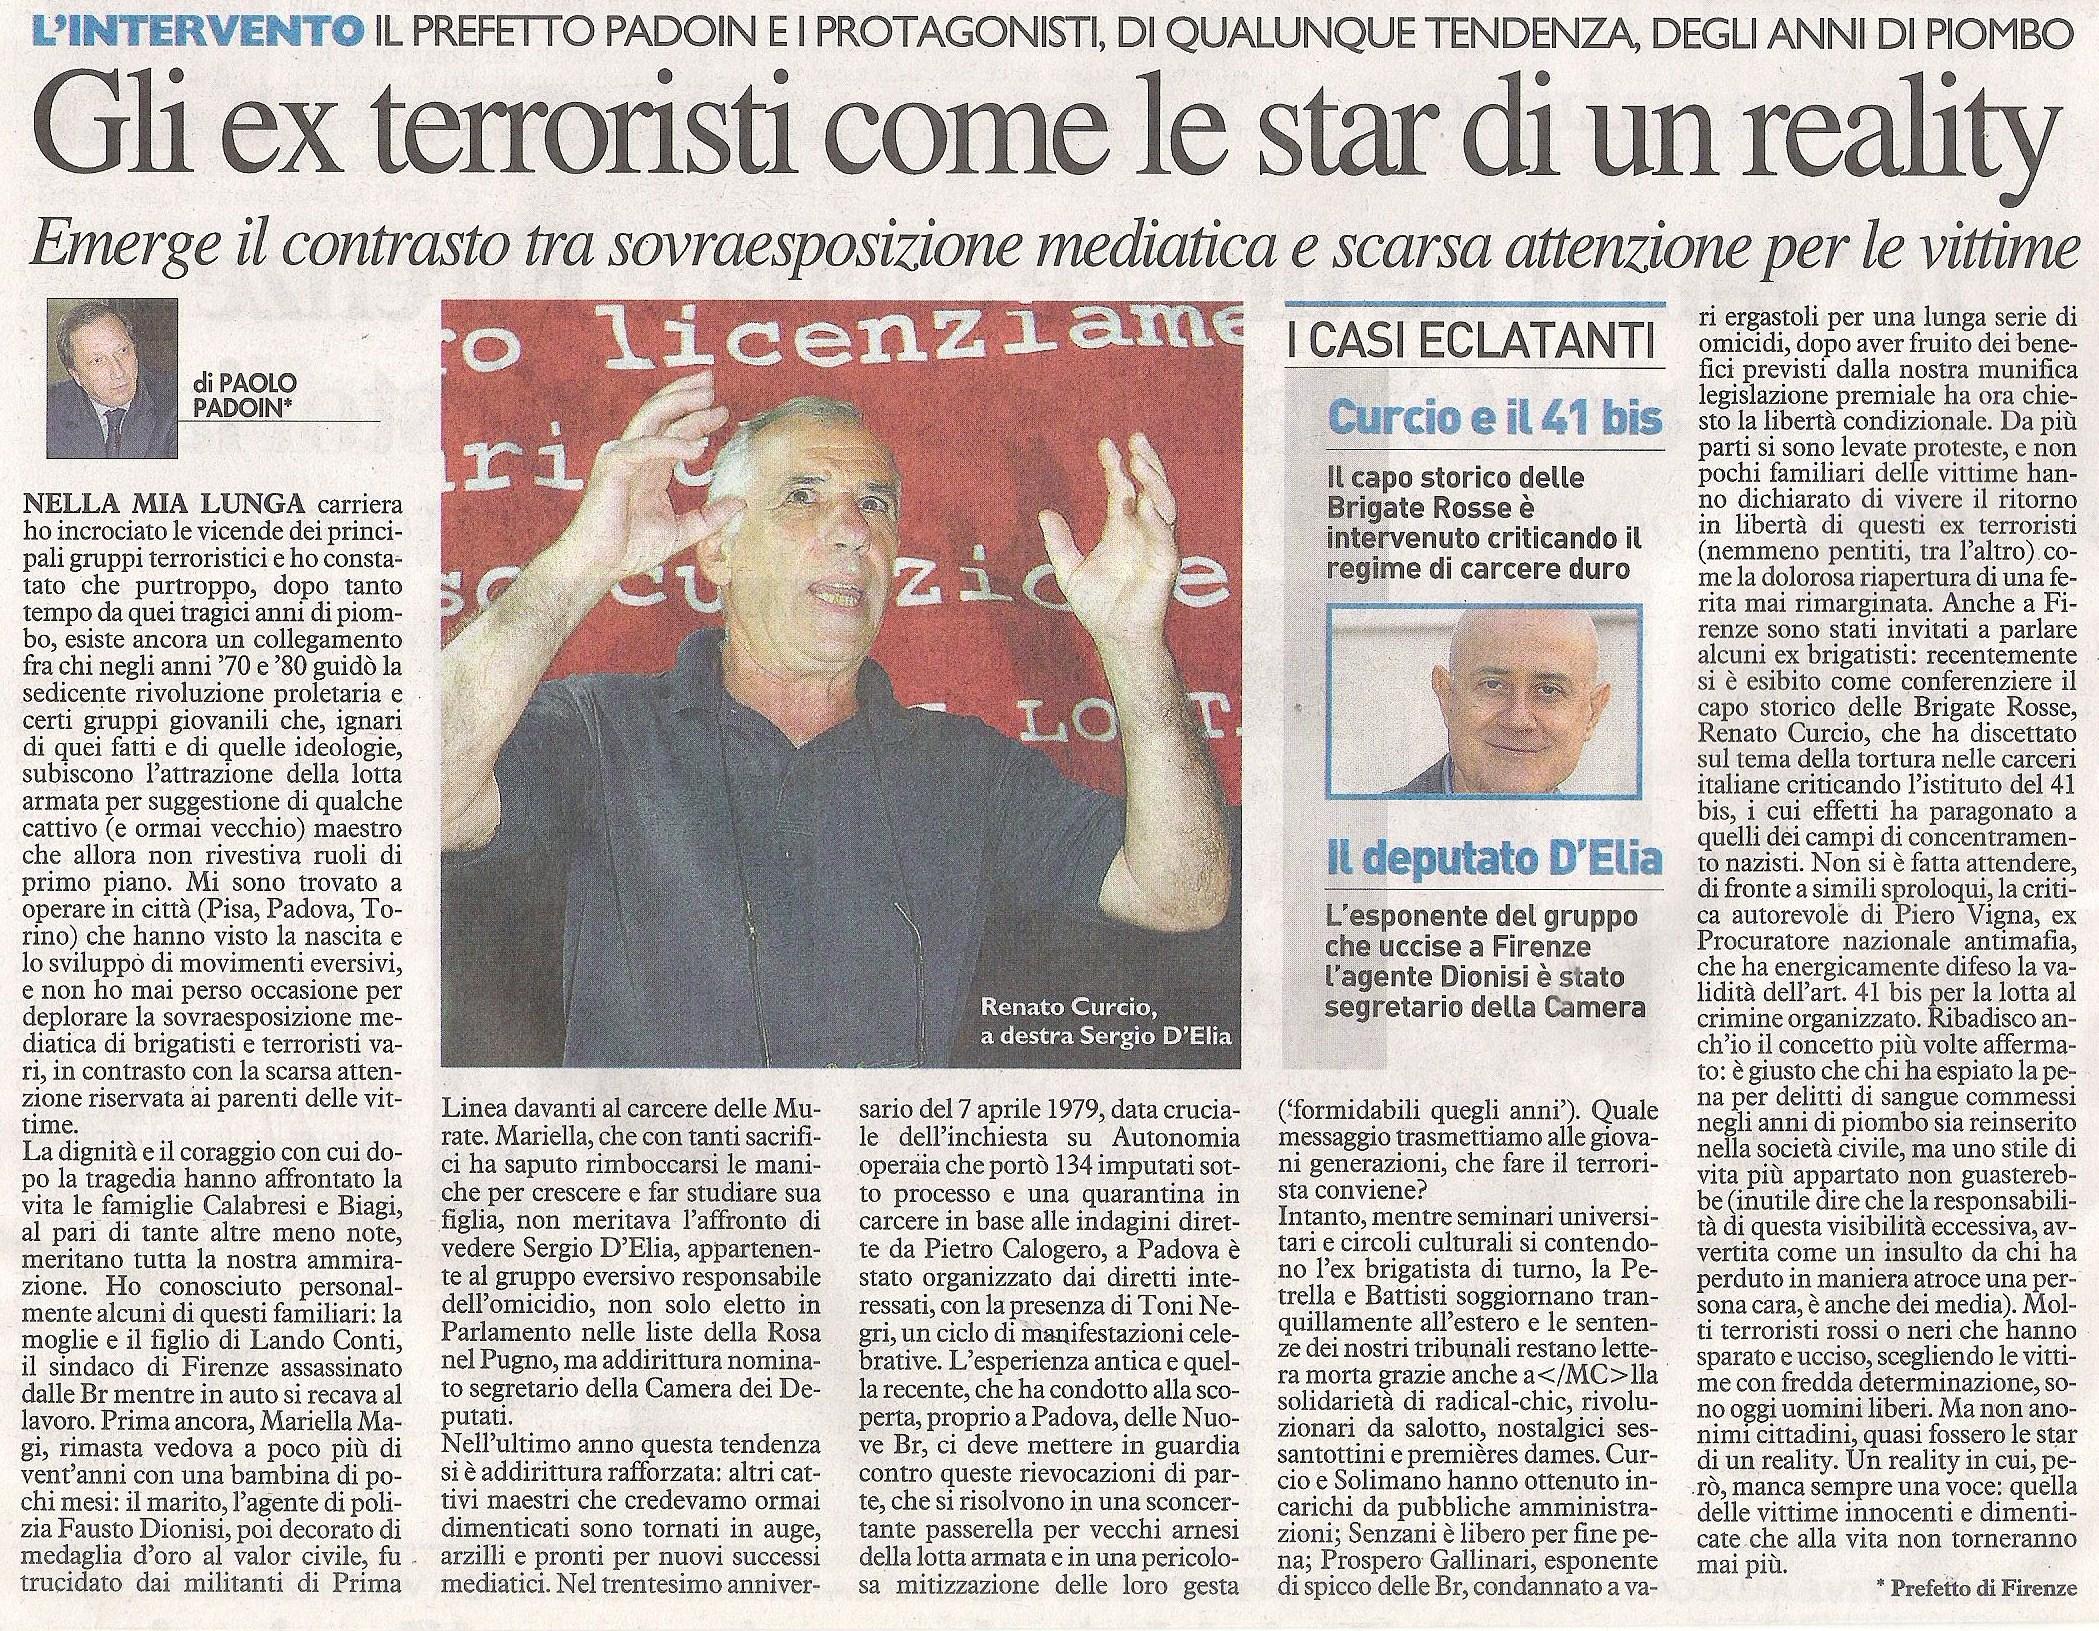 La Nazione articolo Prefetto Padoin 31 ottobre 2010